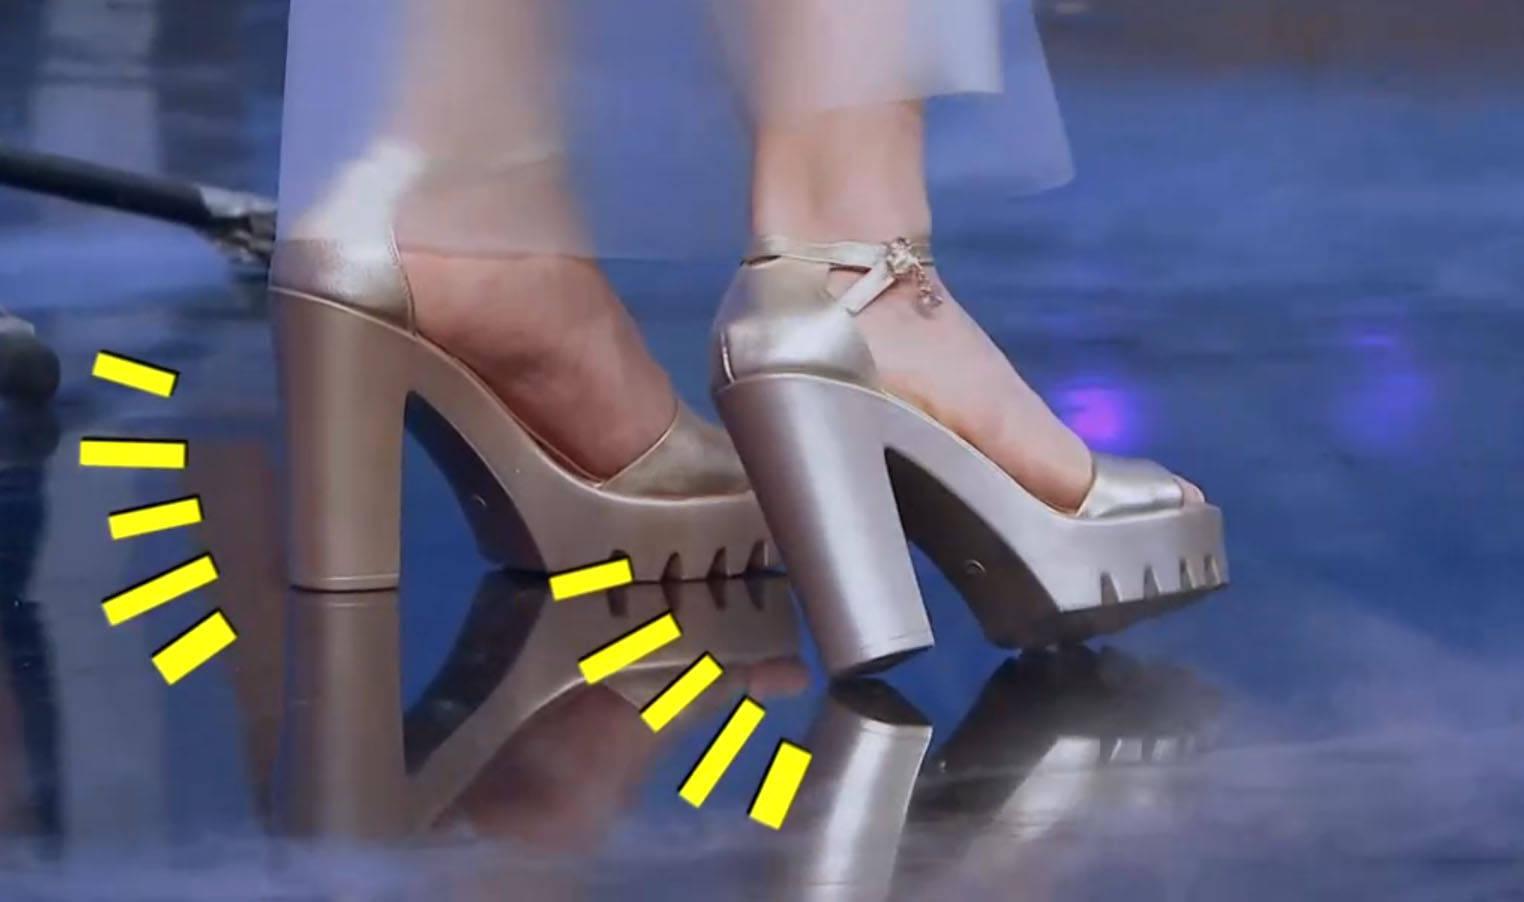 偷偷闻英语老师的高跟鞋 体育课偷闻女生鞋子